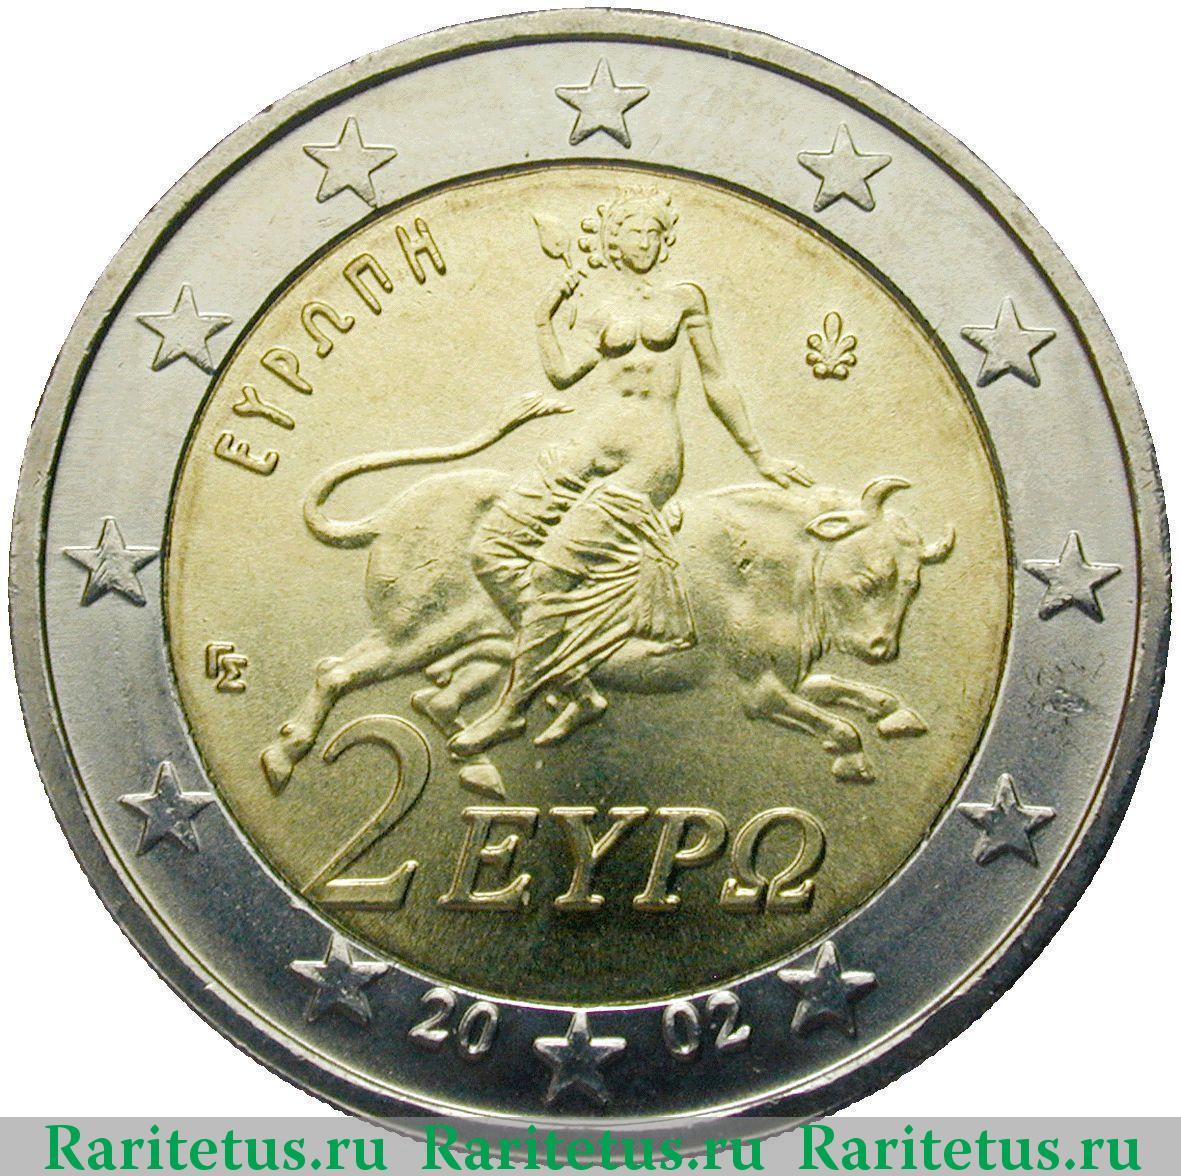 Сколько стоит монета 2 евро 2002 статуэтка леопард конаково